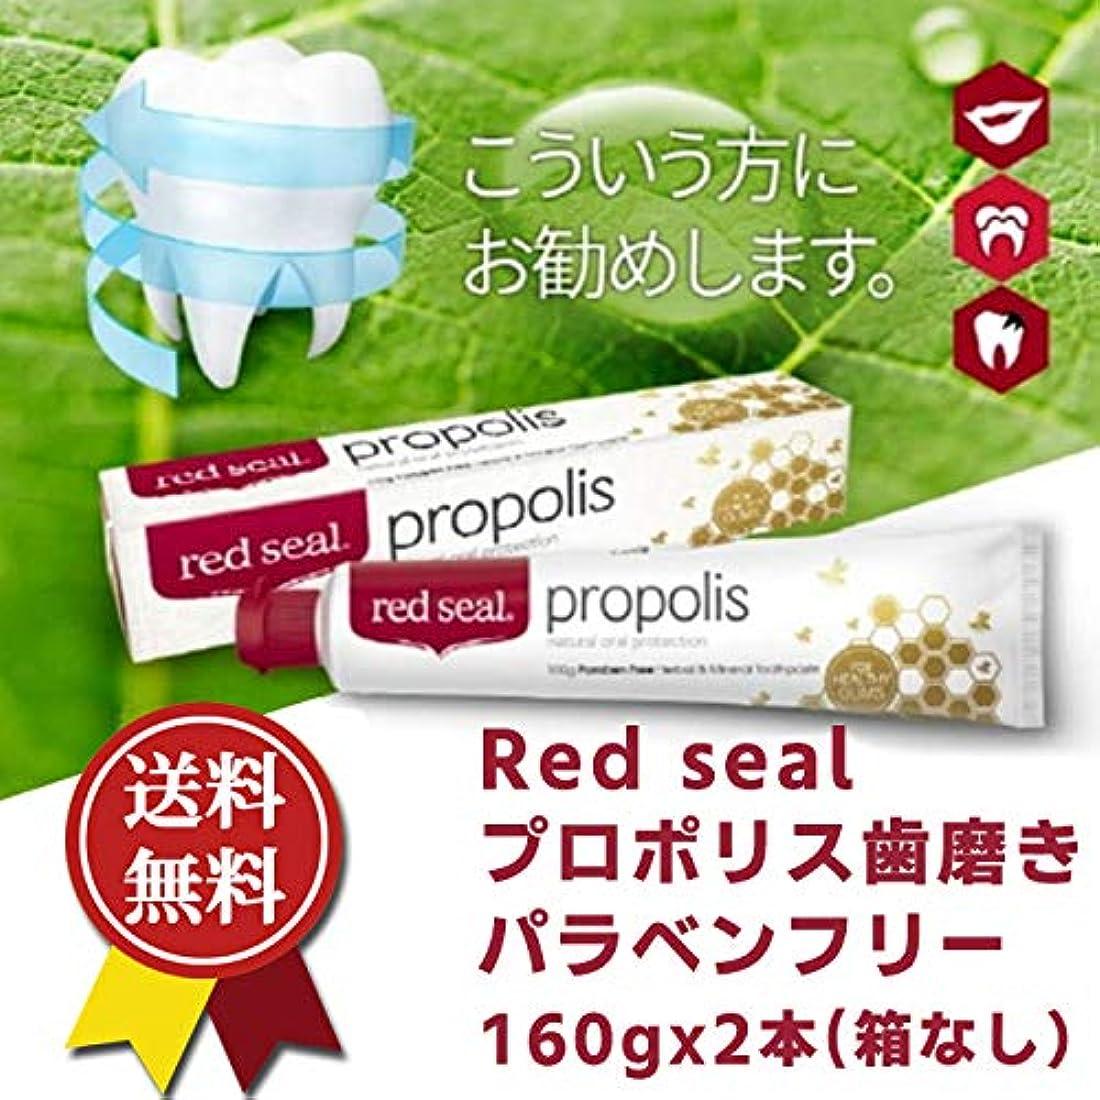 勧めるビームを通して★送料無料★red seal レッドシール プロポリス 歯磨き粉 160gx2本 RED SEAL Propolis Toothpaste